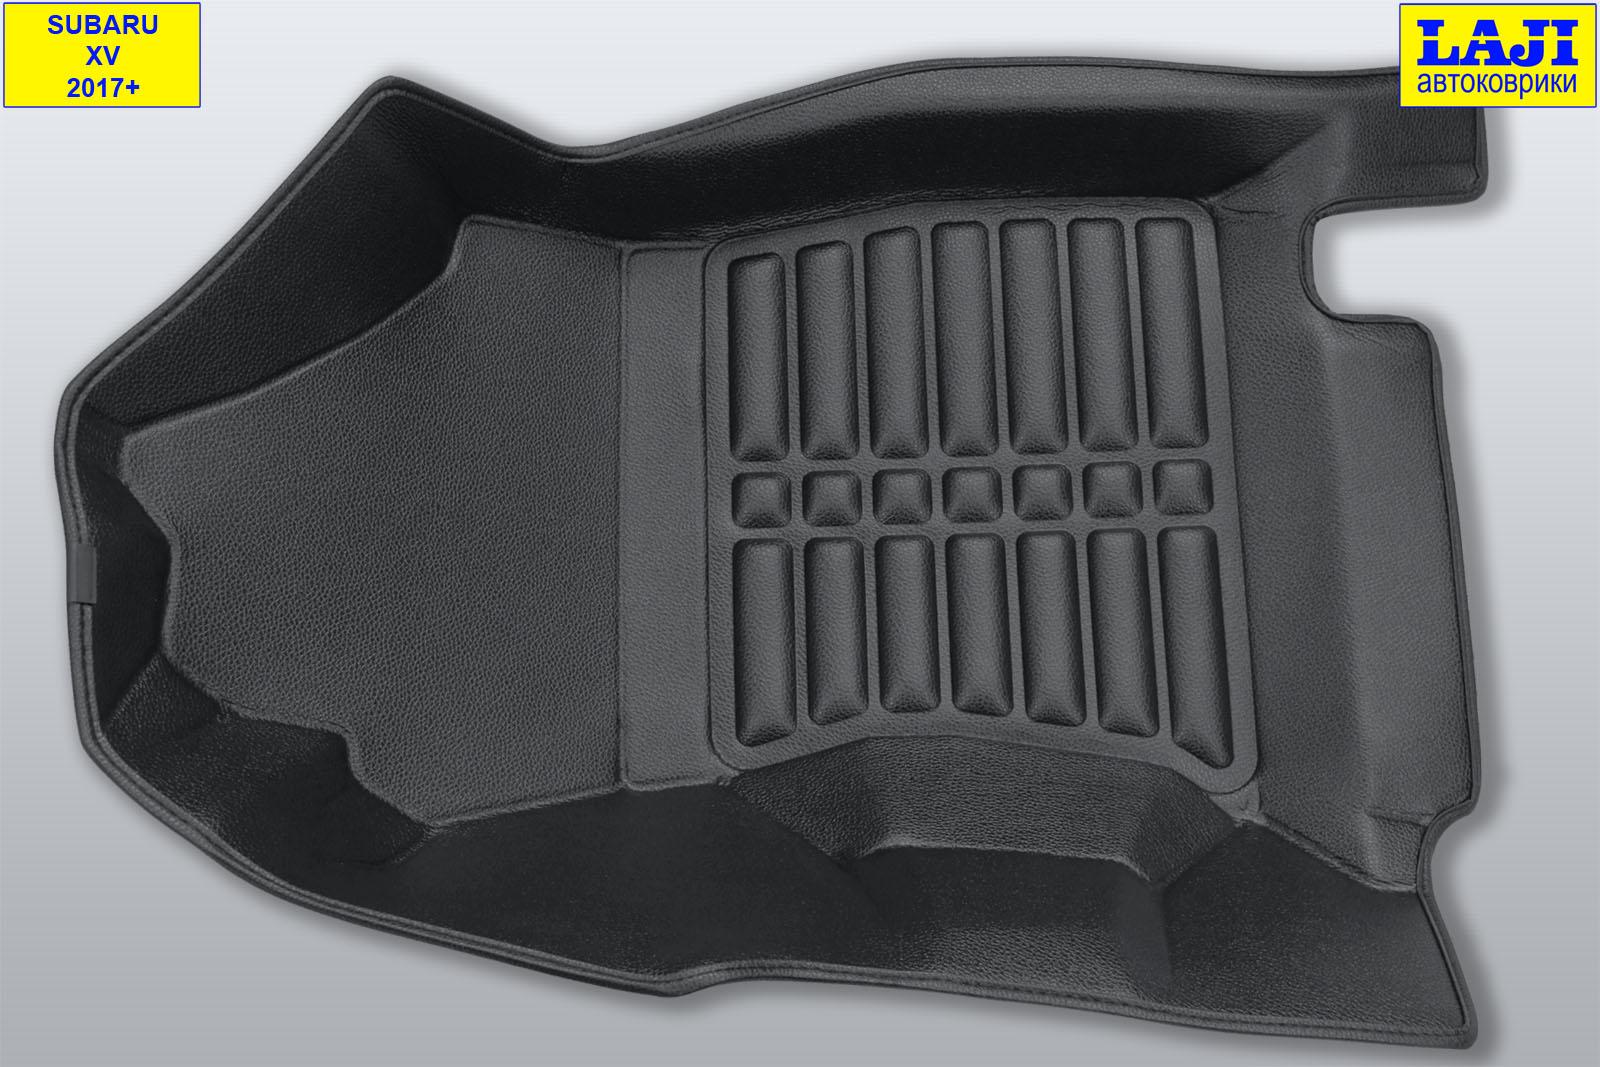 5D коврики в салон Subaru XV 2017-н.в. 5